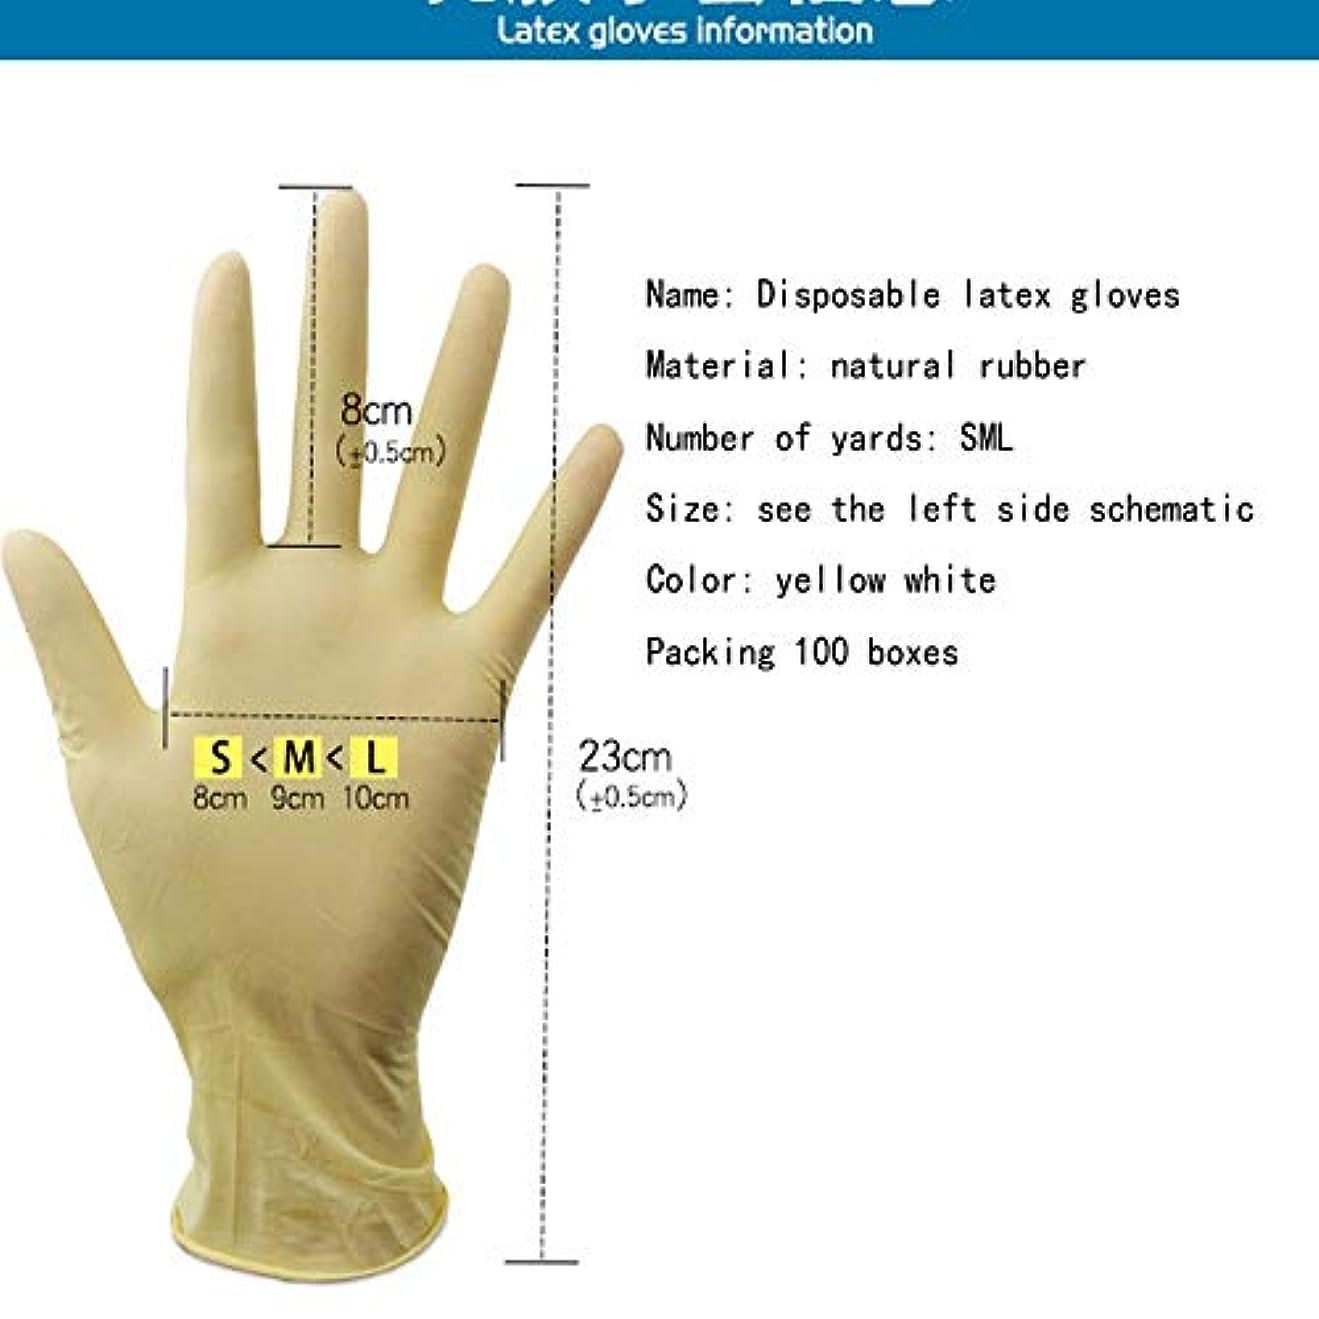 本冷酷な量で使い捨て手袋 - これらの使い捨て食品準備手袋はまた台所クリーニング、プラスチックおよび透明のために使用することができます - 100部分ラテックス手袋 (Color : Beige)